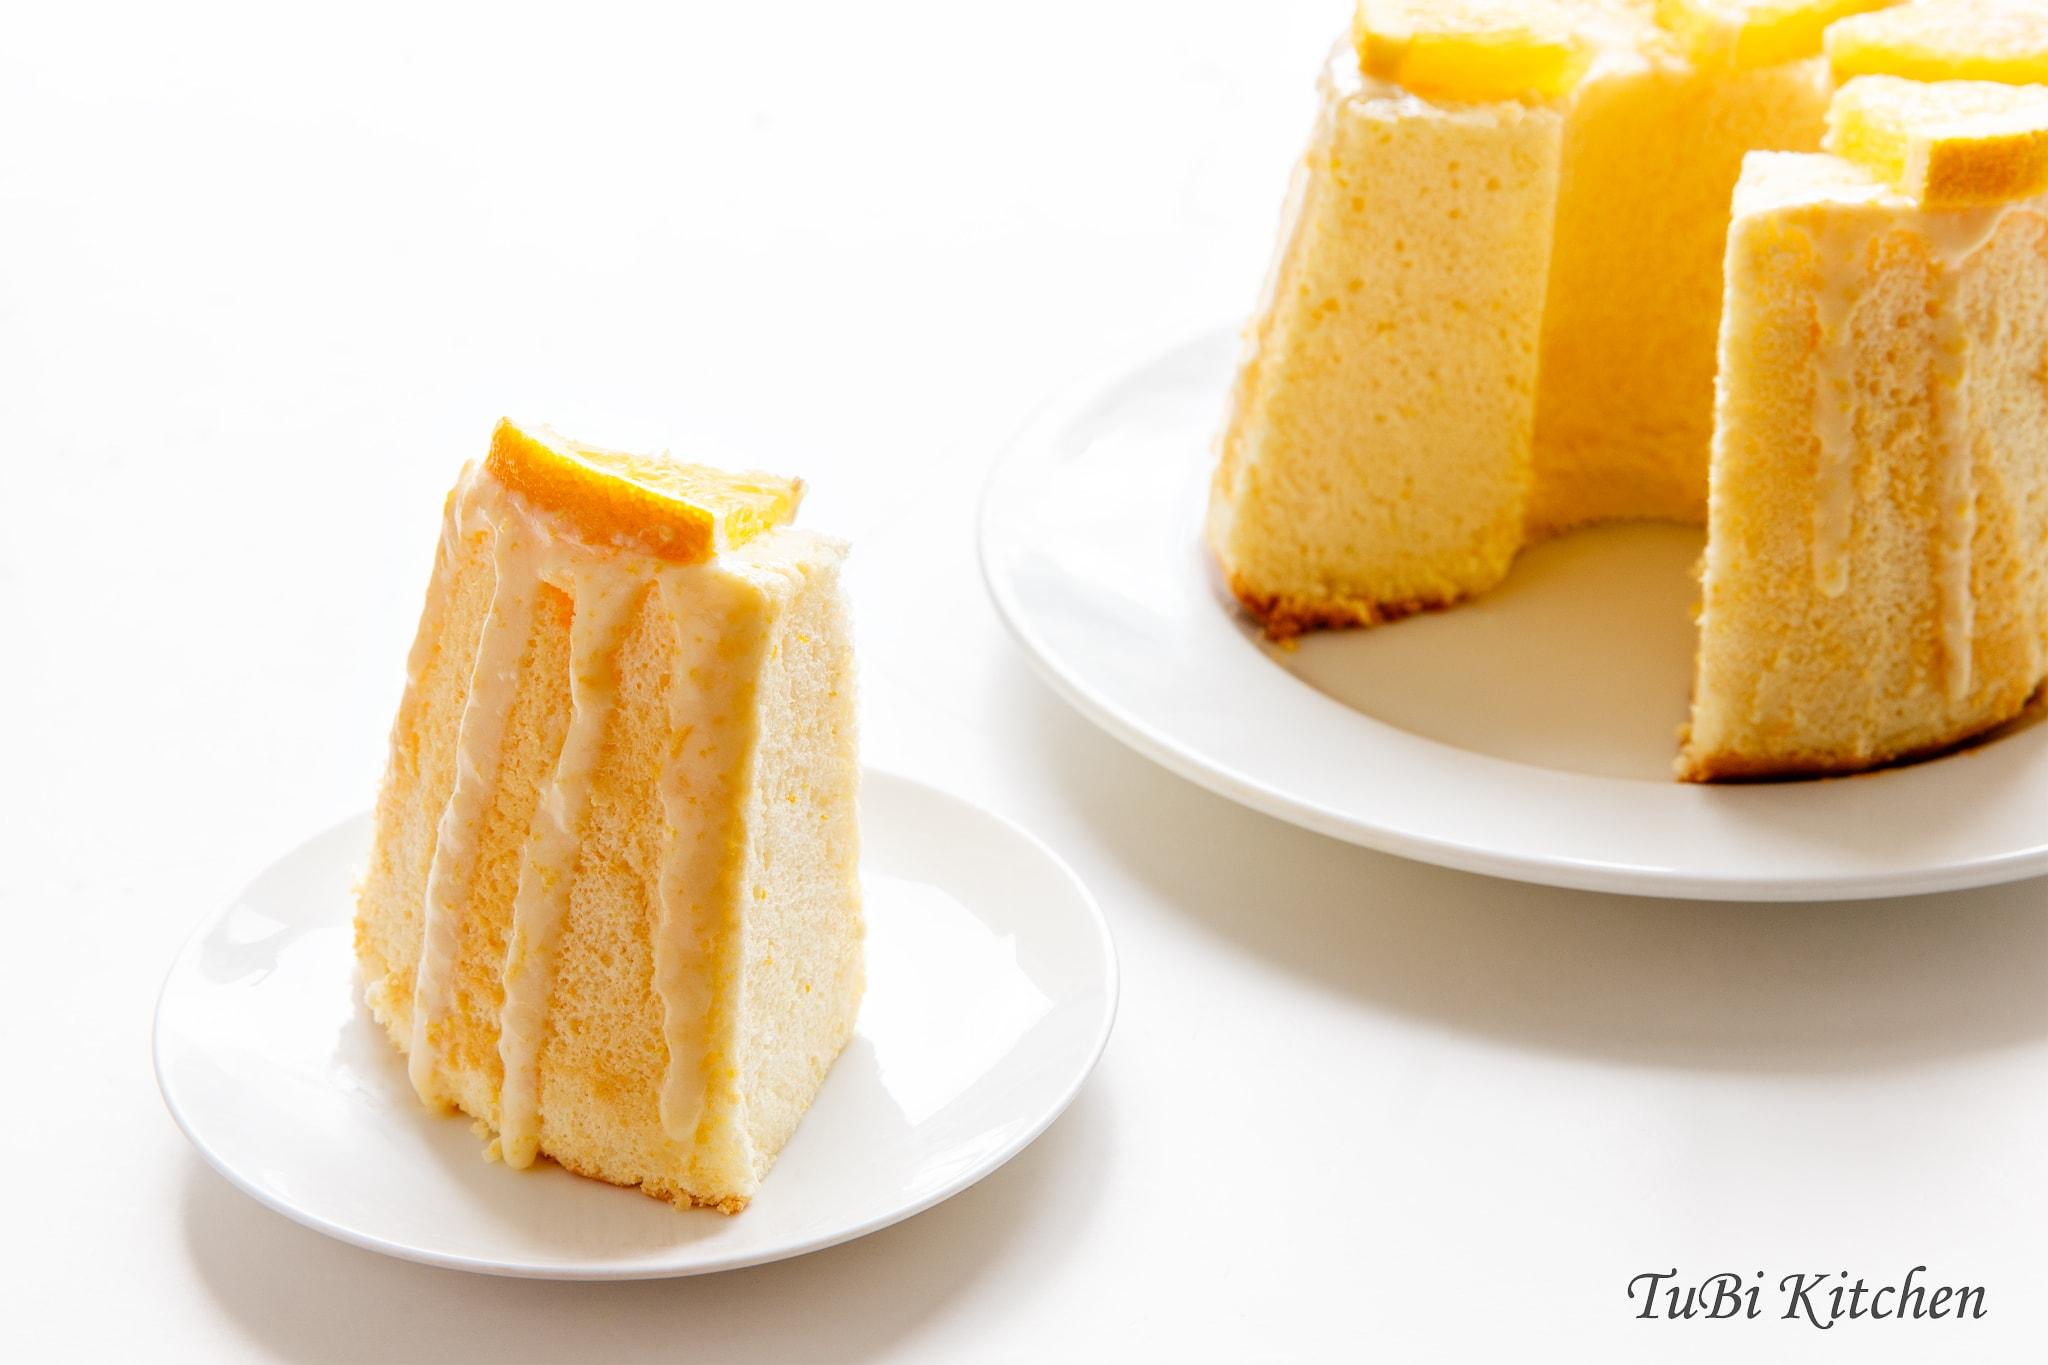 cách làm bánh chiffon cam 5 cách làm bánh chiffon cam Cách làm bánh chiffon cam thơm ngát mát lịm mùa thu cach lam banh chiffon cam 5